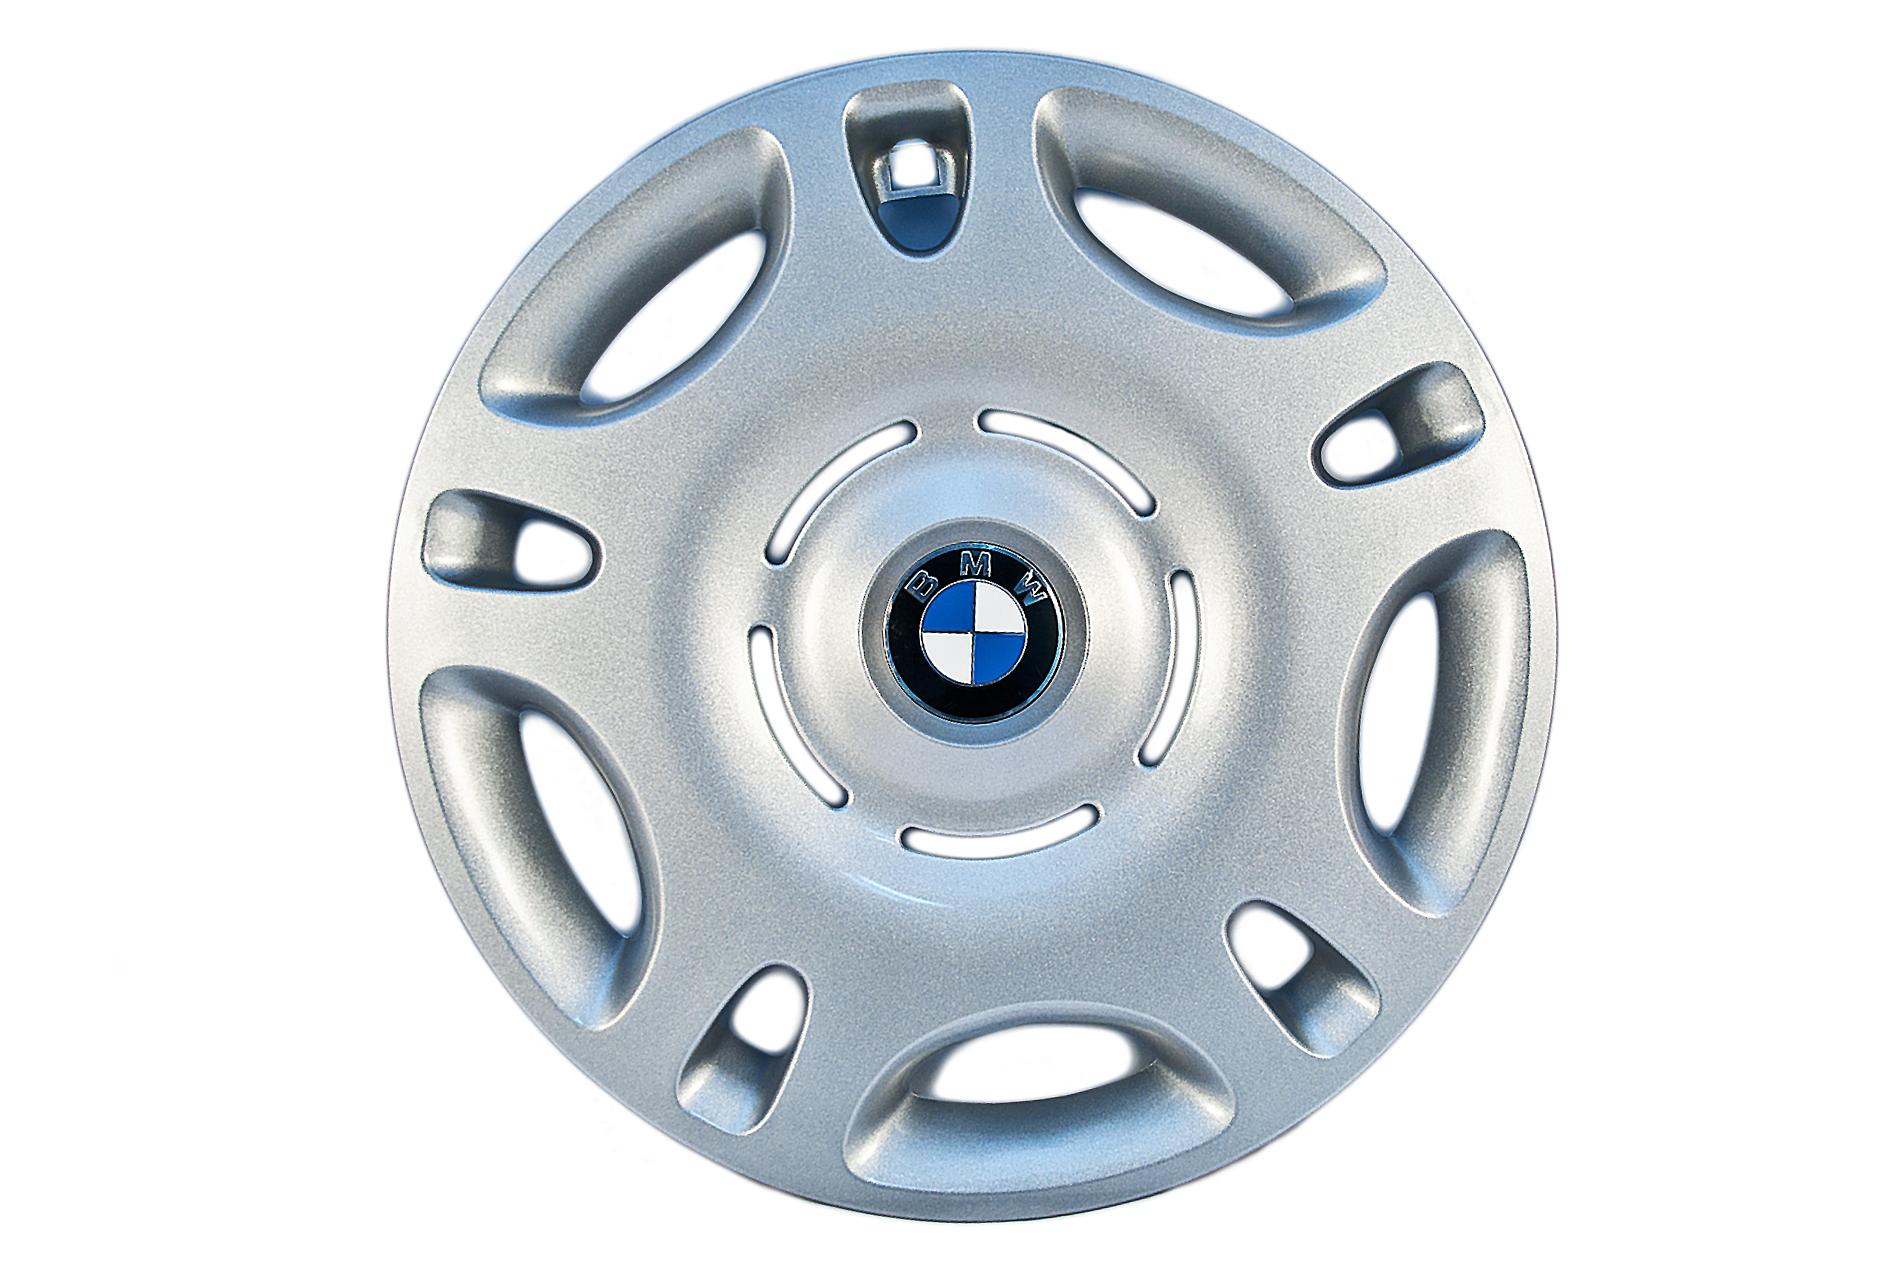 BMW Genuine 19 Wheel Cover Hub Cap E63//E63 6 Series 36136763117